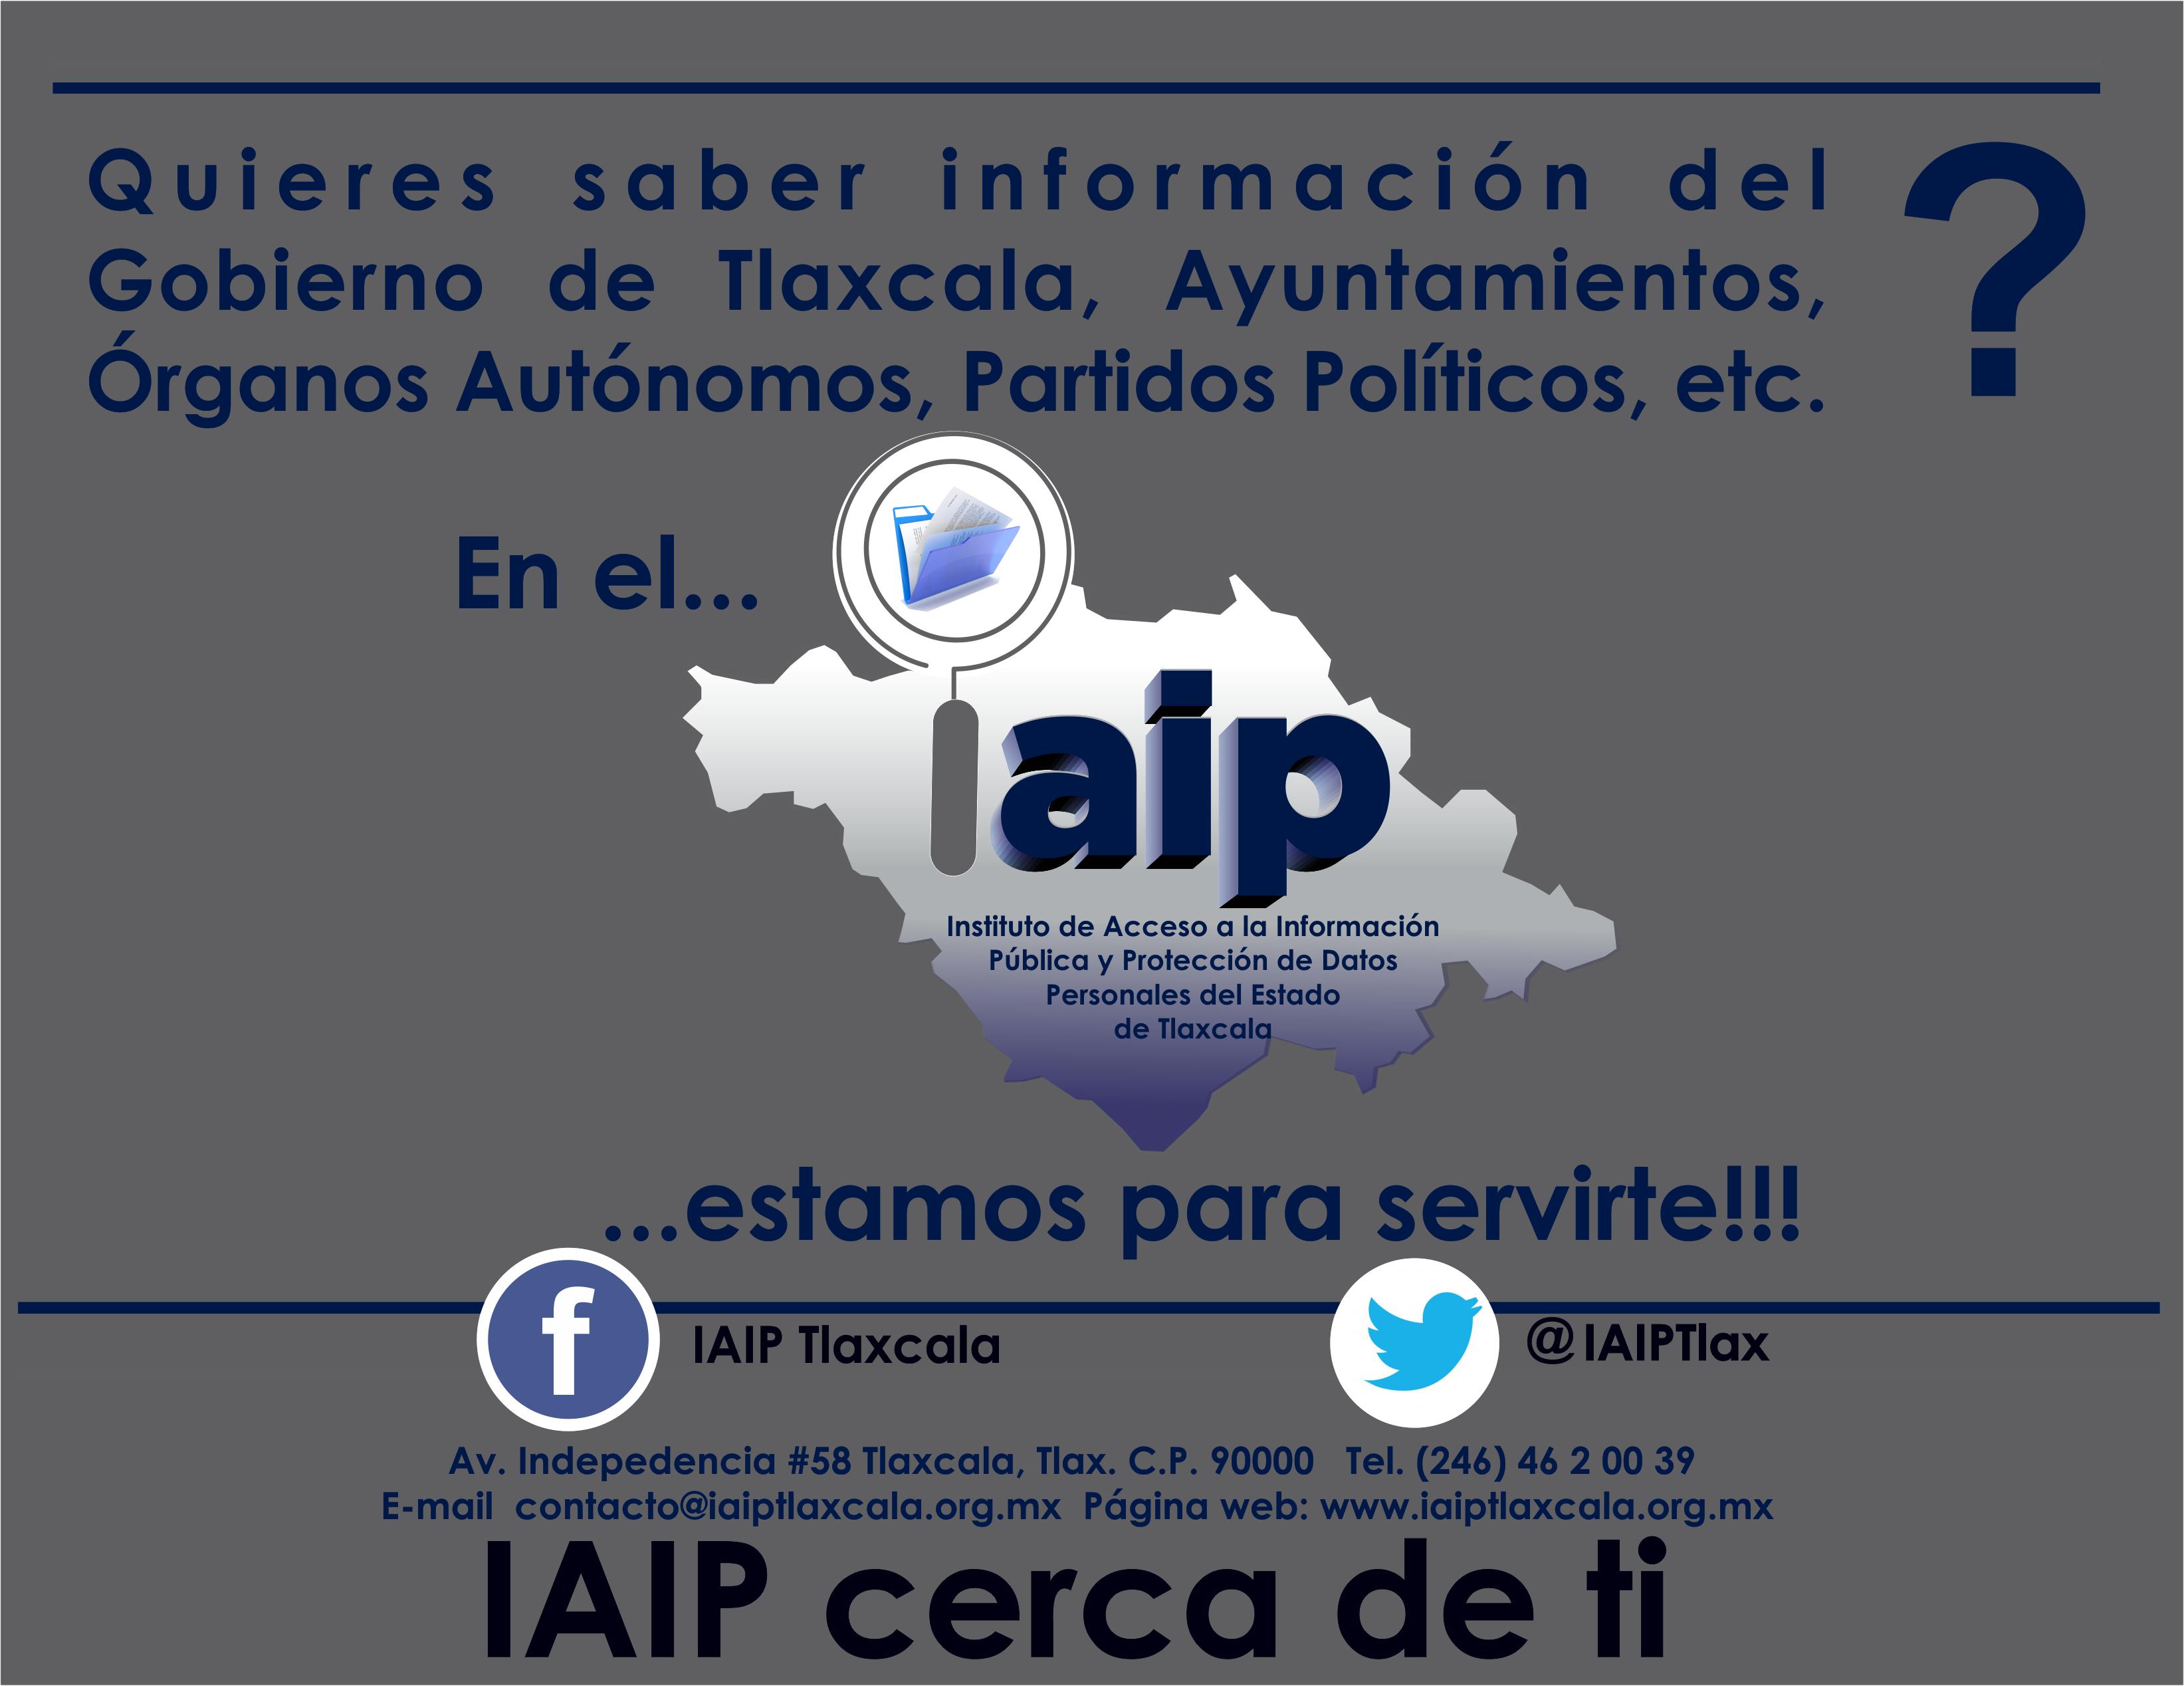 Instituto de Acceso a la Información Pública